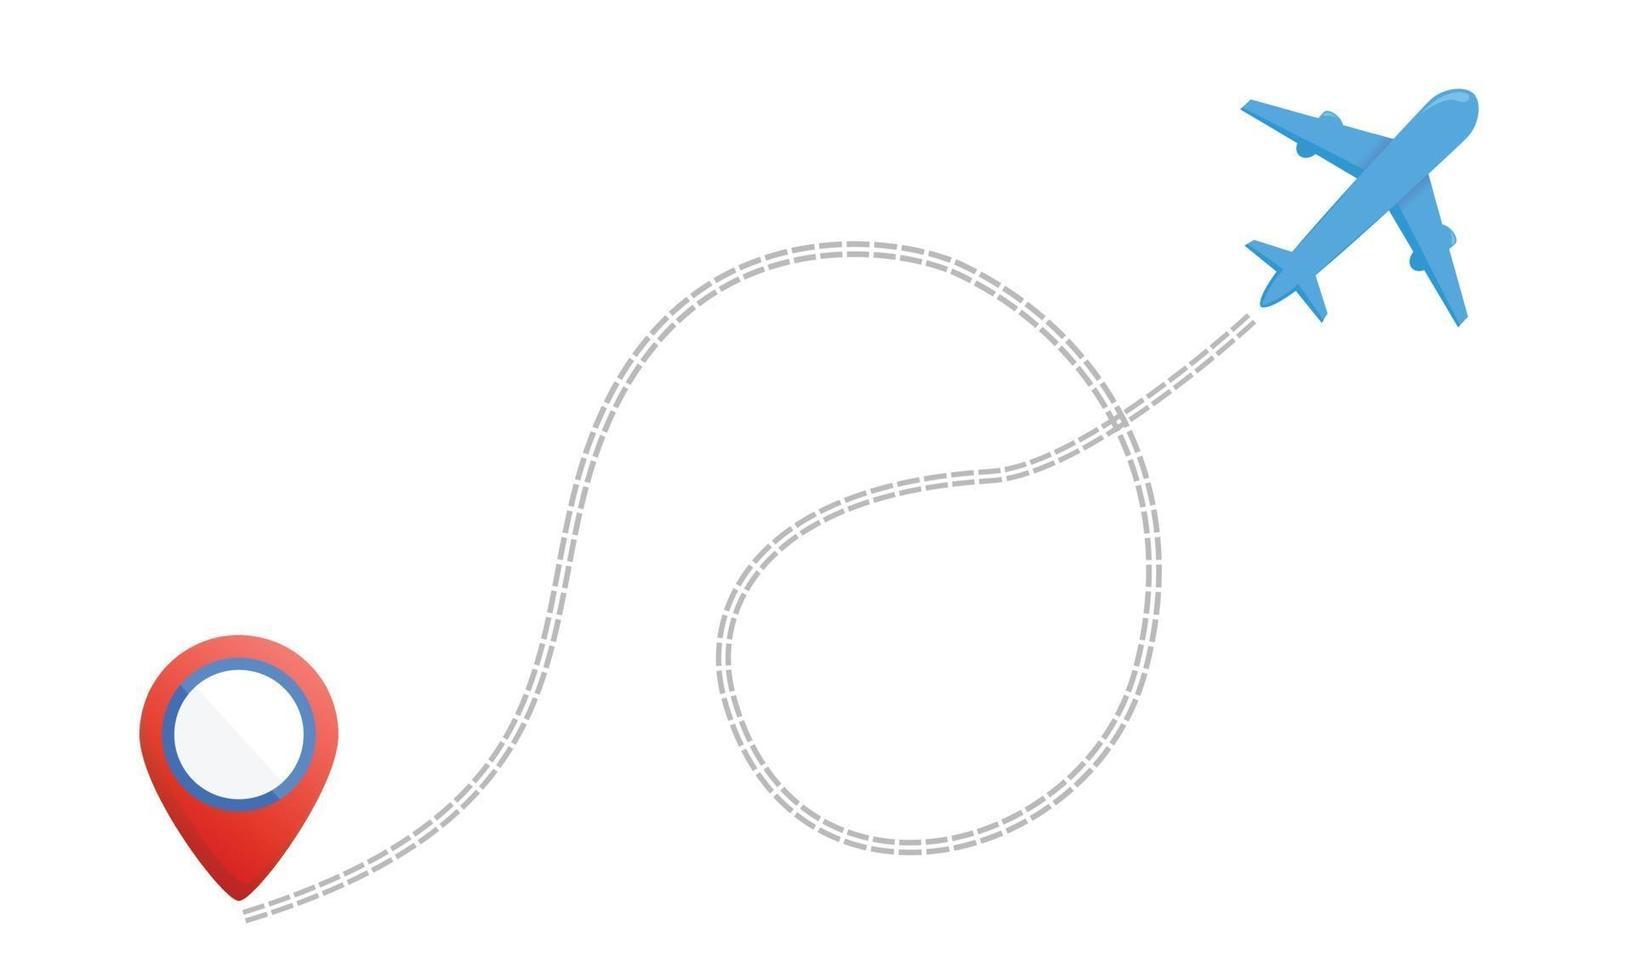 percorso della linea dell'aeroplano, tracciamento degli aerei, icona di viaggio, icona della rotta di volo dell'aereo vettore